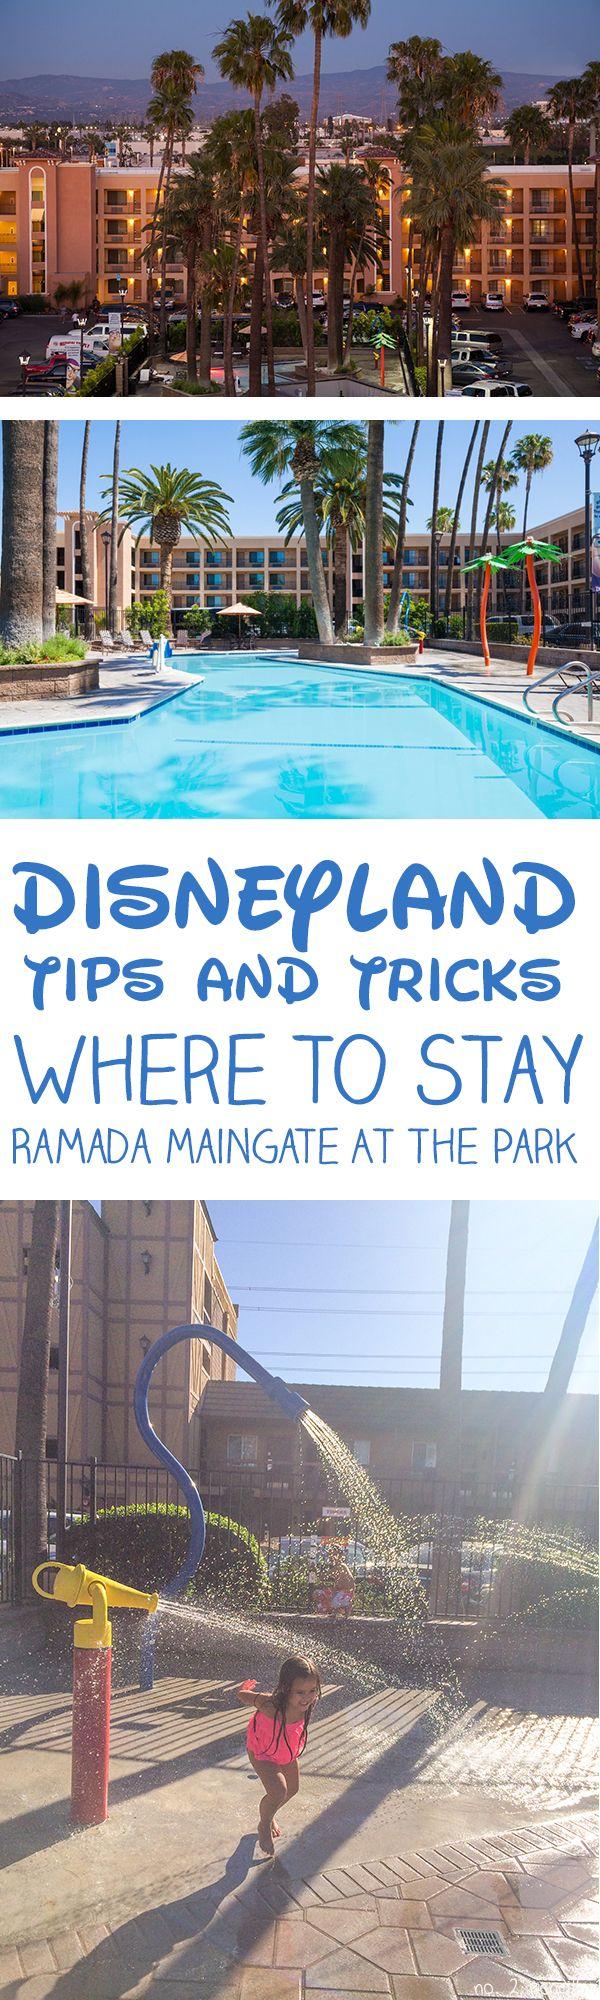 Disneyland Tips and Tricks - Ramada Maingate At The Park Hotel Review @ramadamaingate